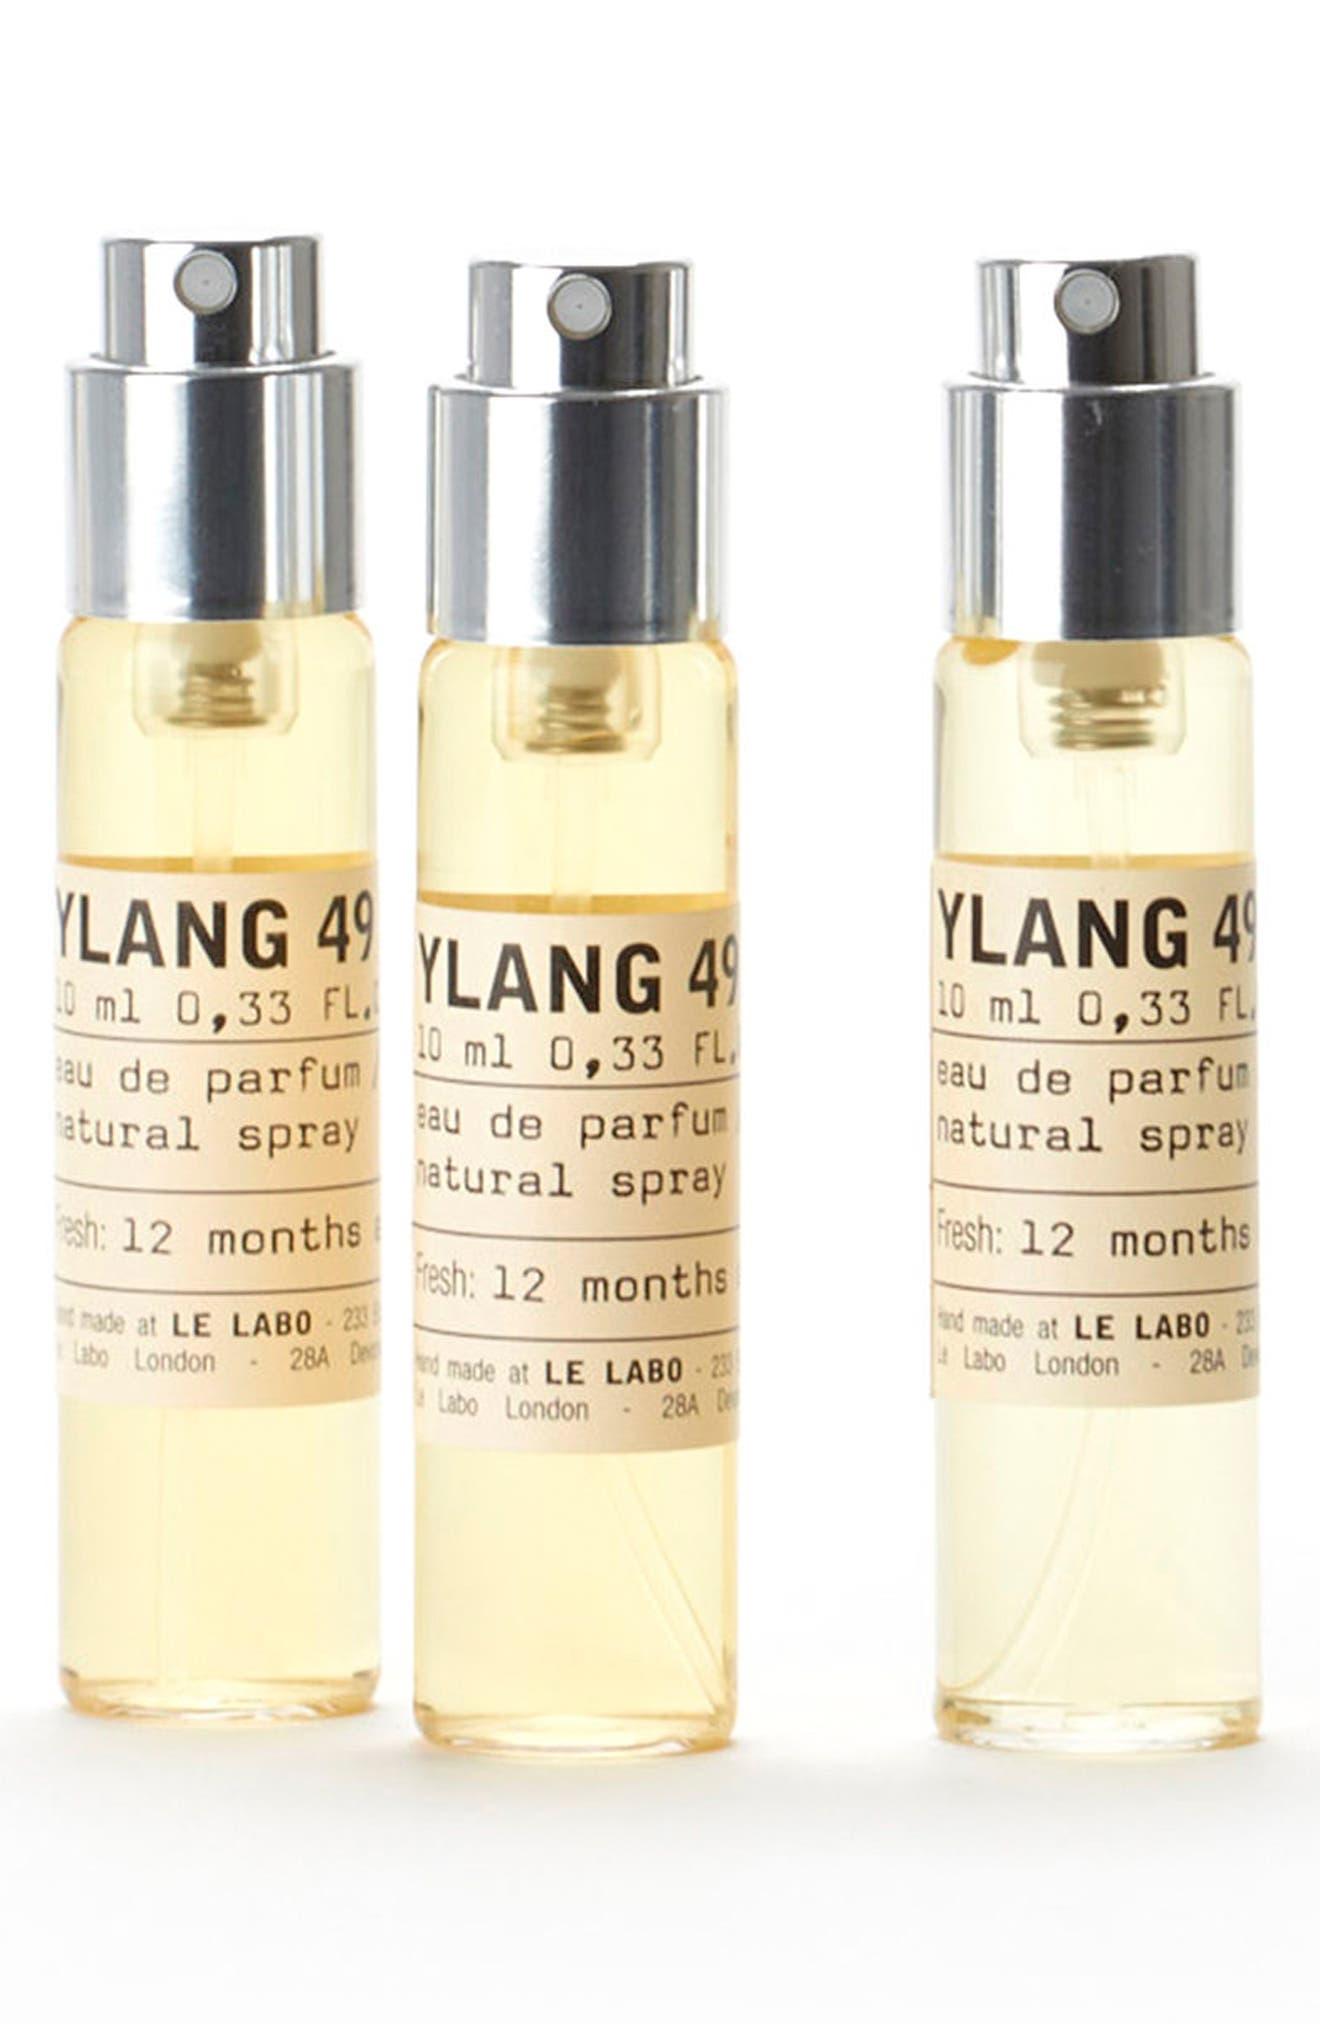 Le Labo 'Ylang 49' Travel Tube Refill